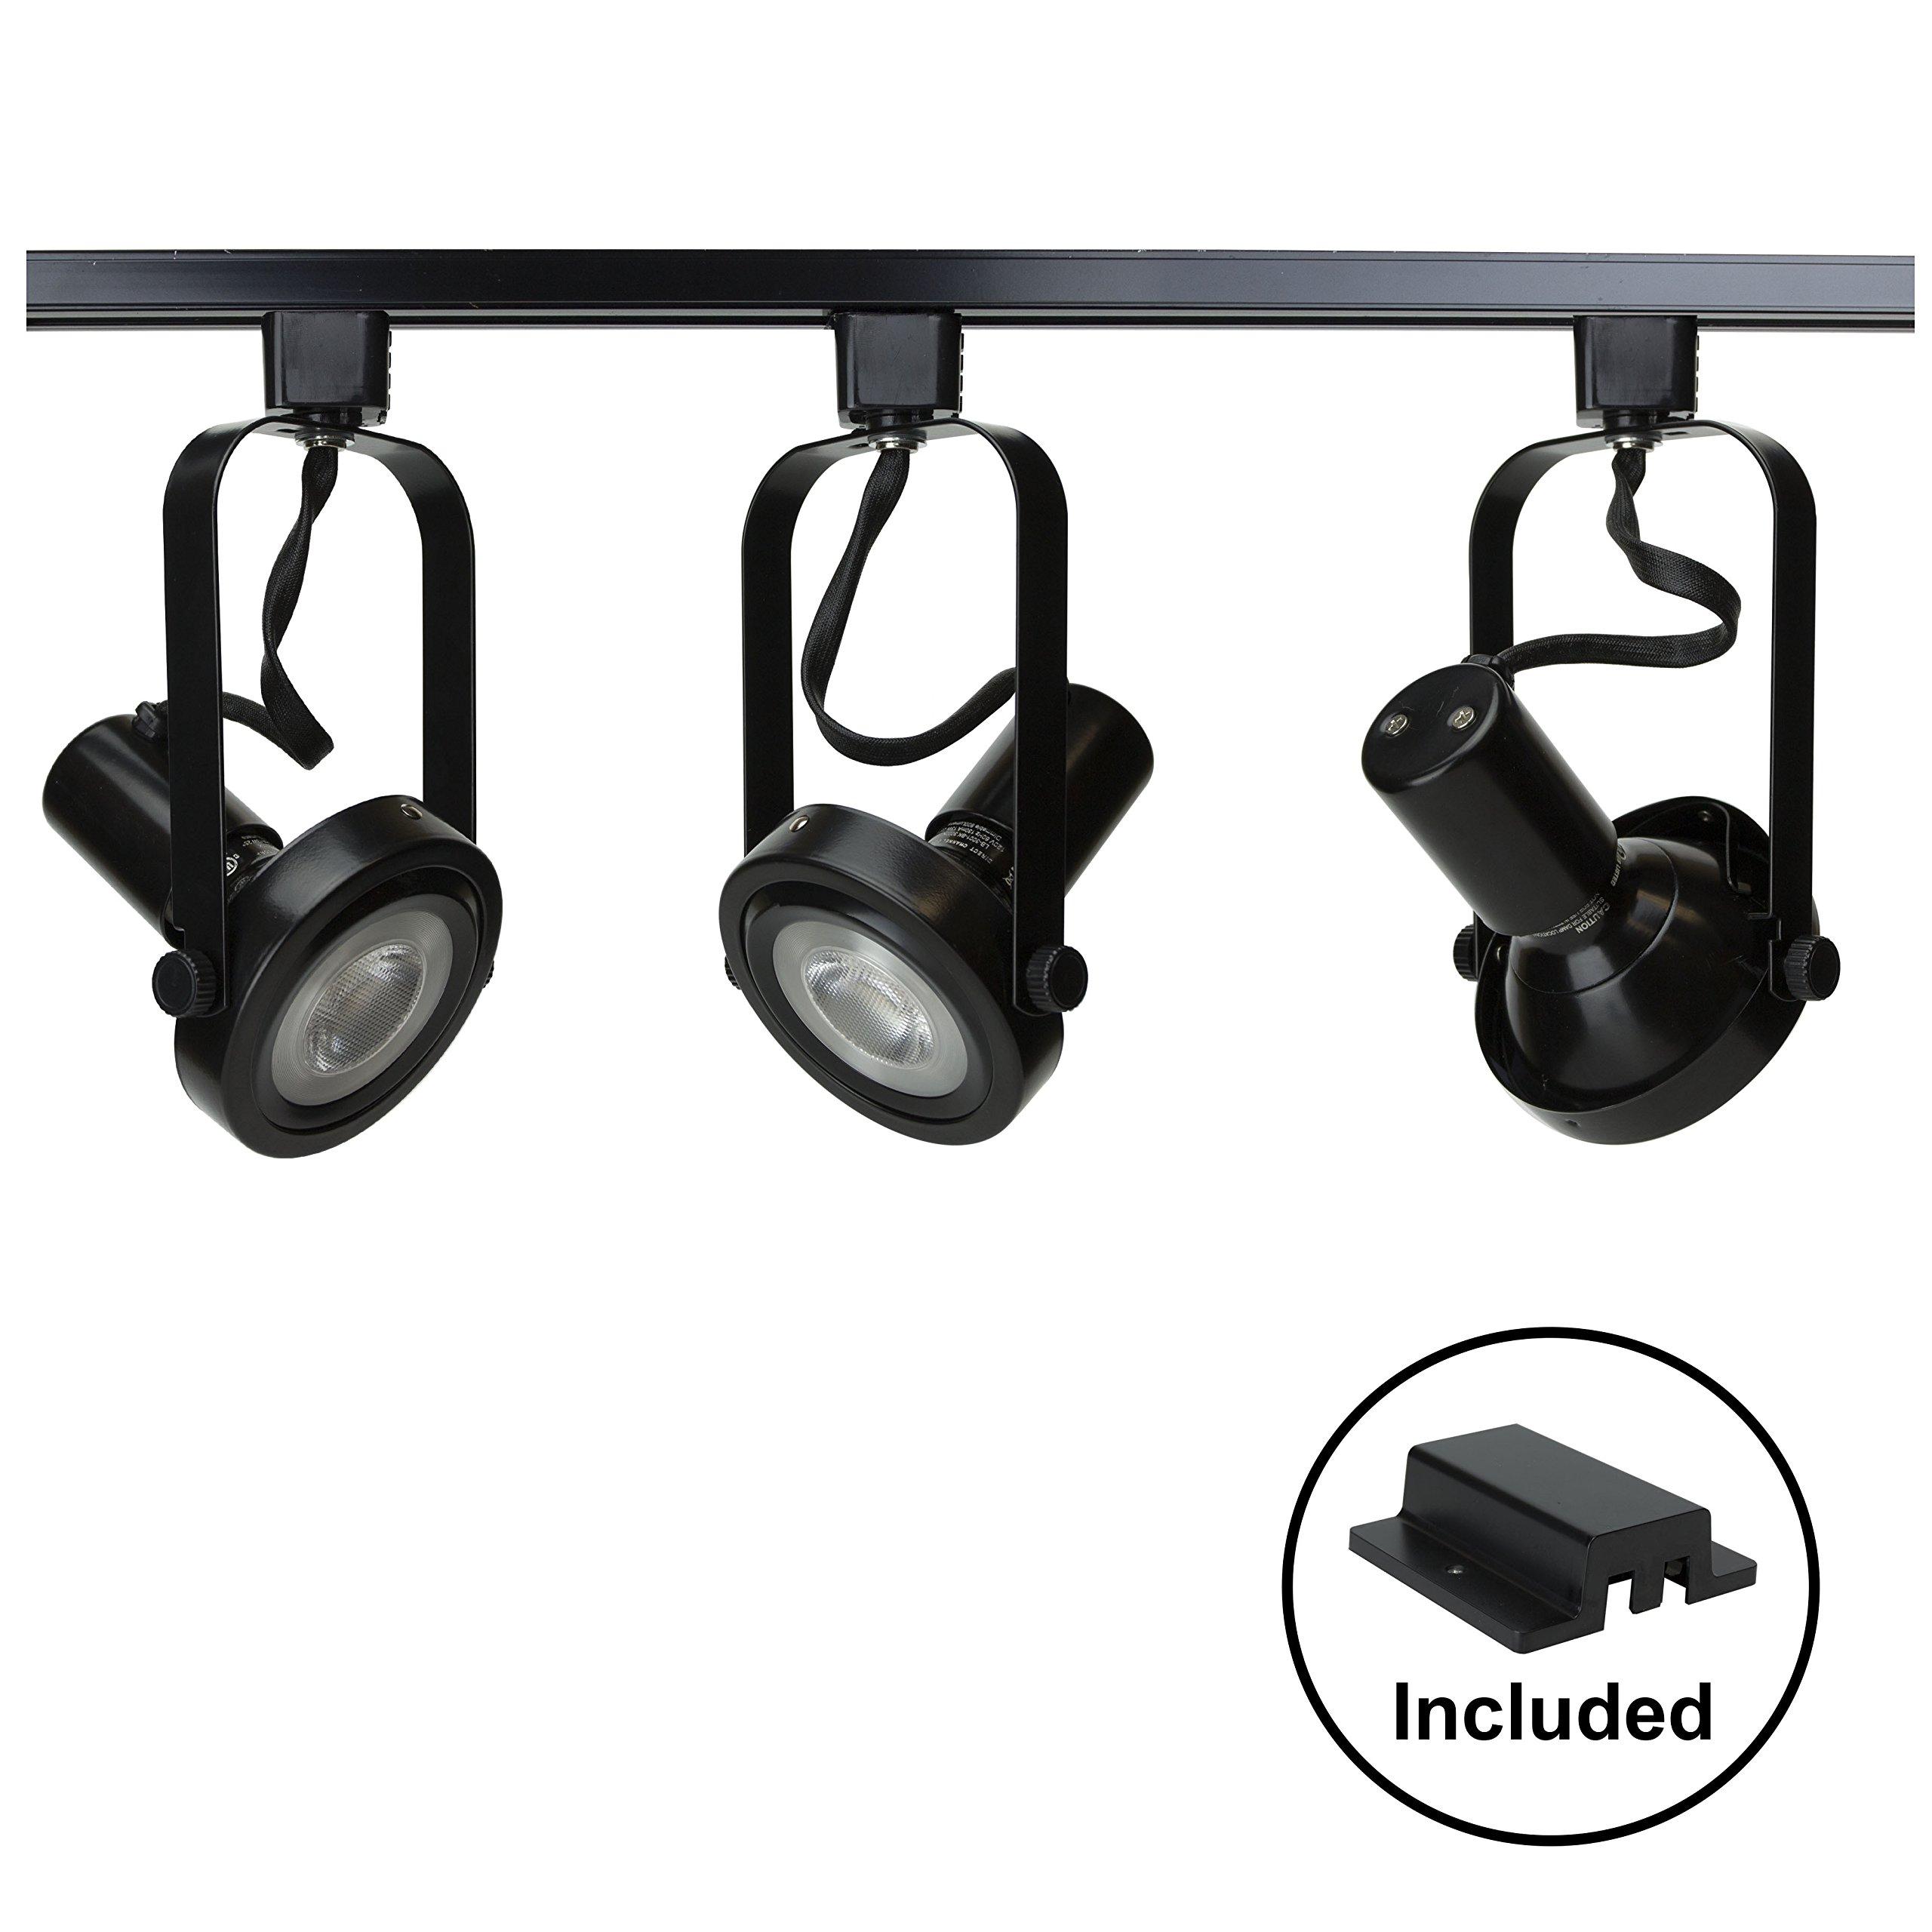 D&D Brand H System 3-Lights PAR30 LED Track Lighting Kit Gimbal Ring Rear Loading Black 3K Warm White HTC-9005-330K-BK Bulbs Included